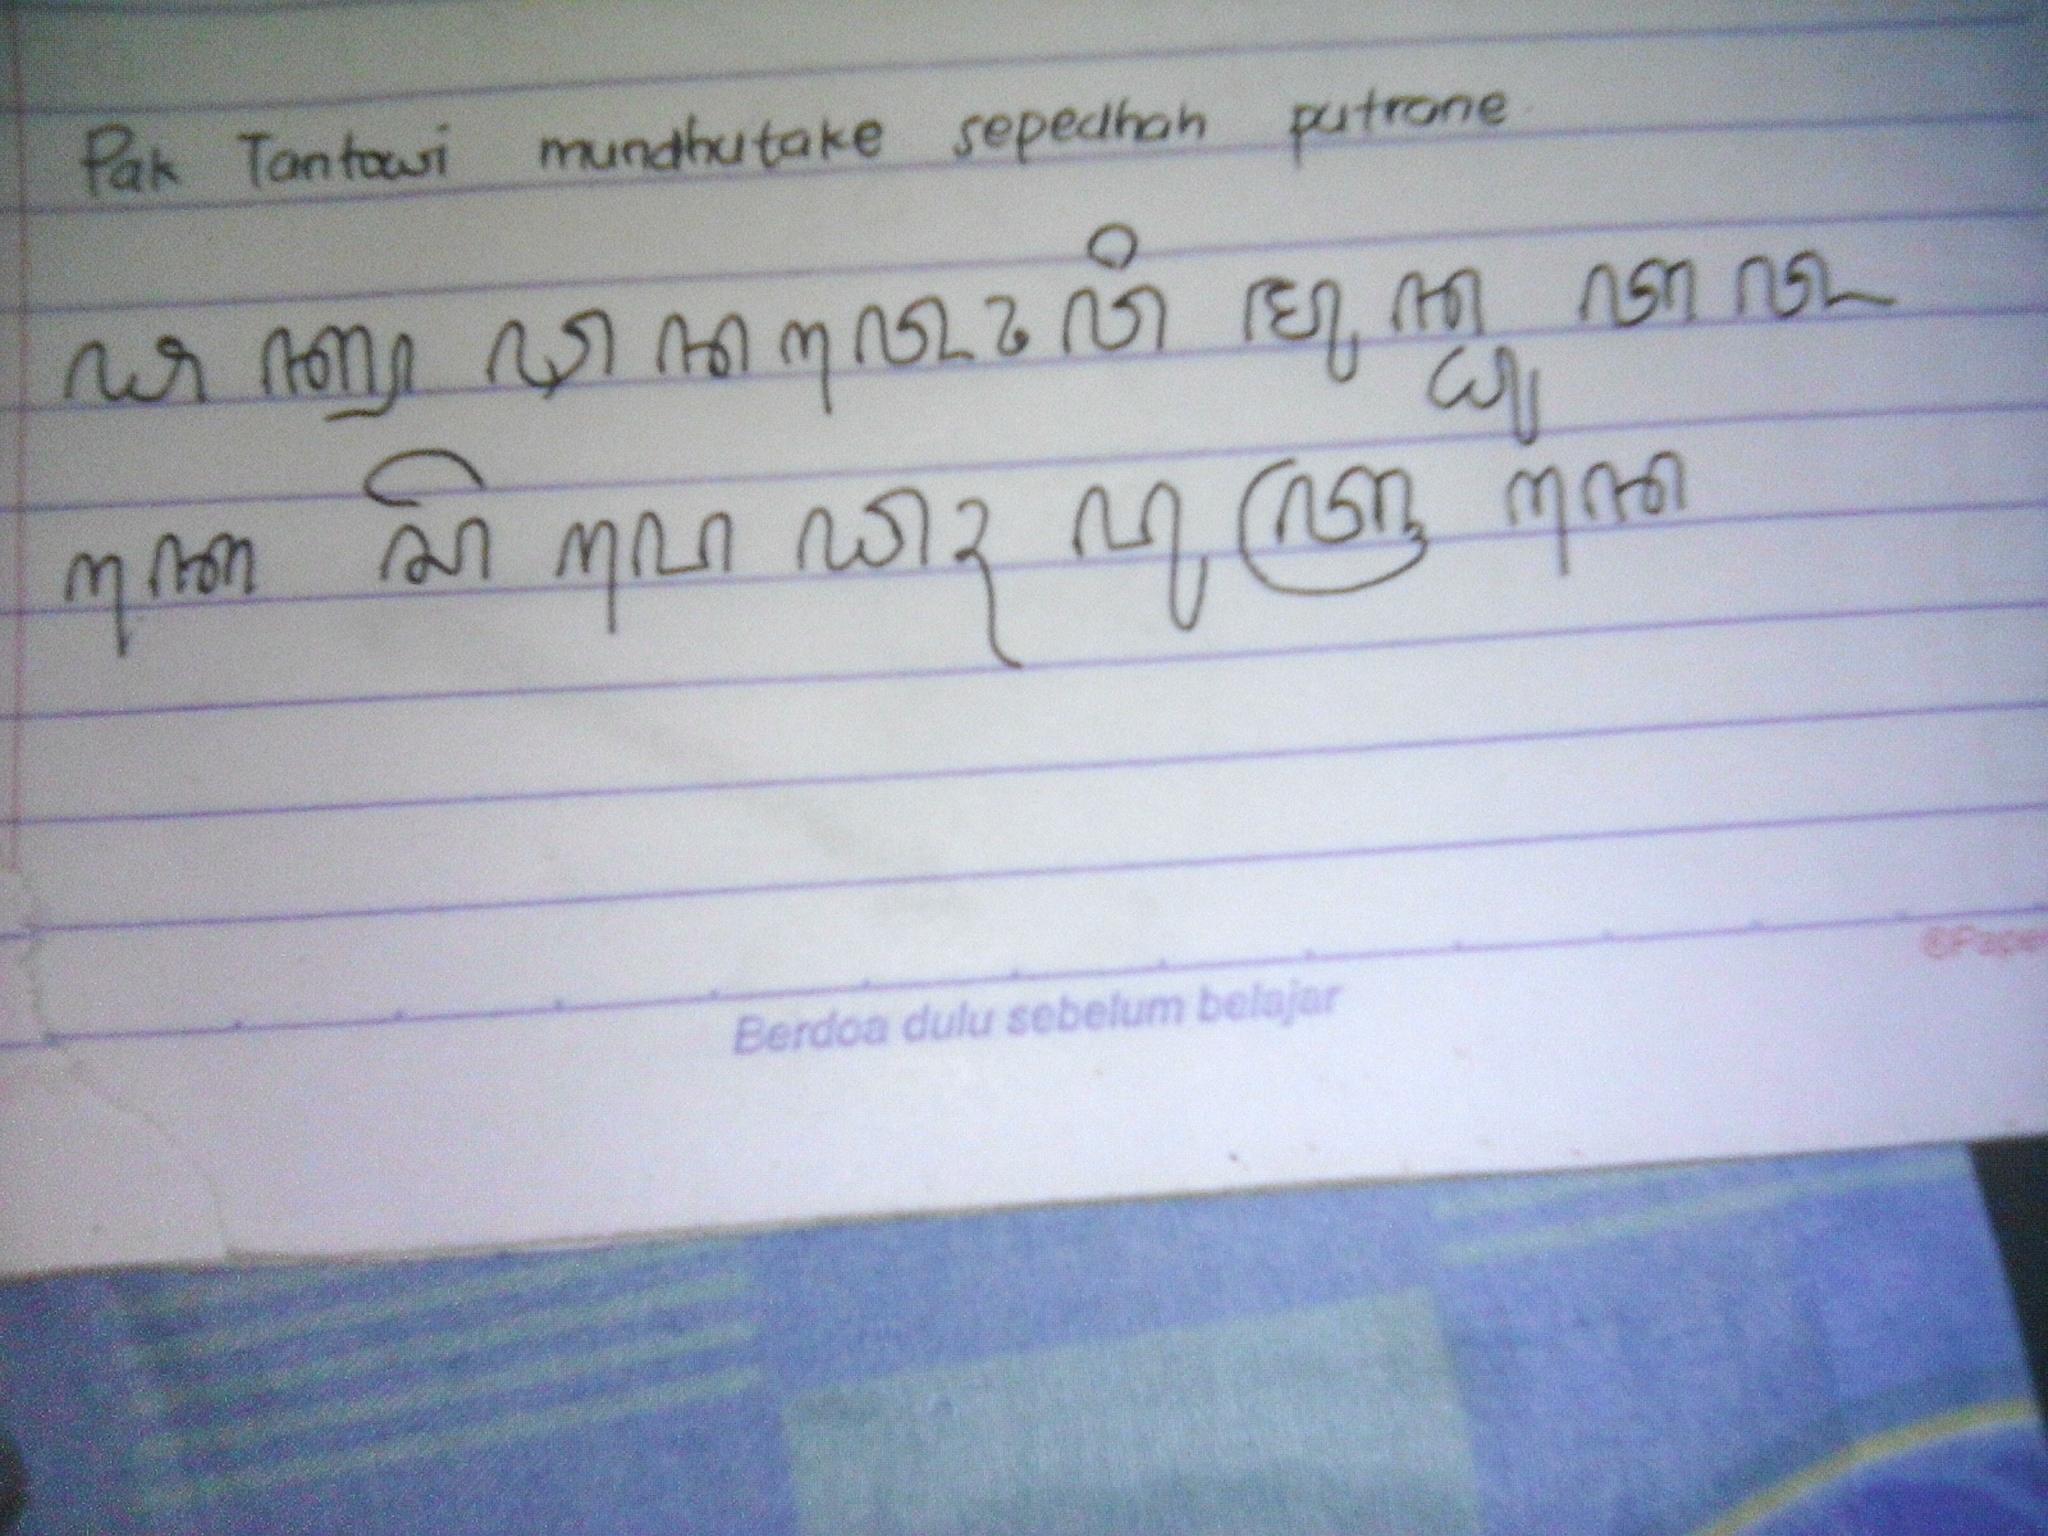 Bagaimana Tulisan Aksara Murda Dari Pak Tantowi Mundhutake Sepedhah